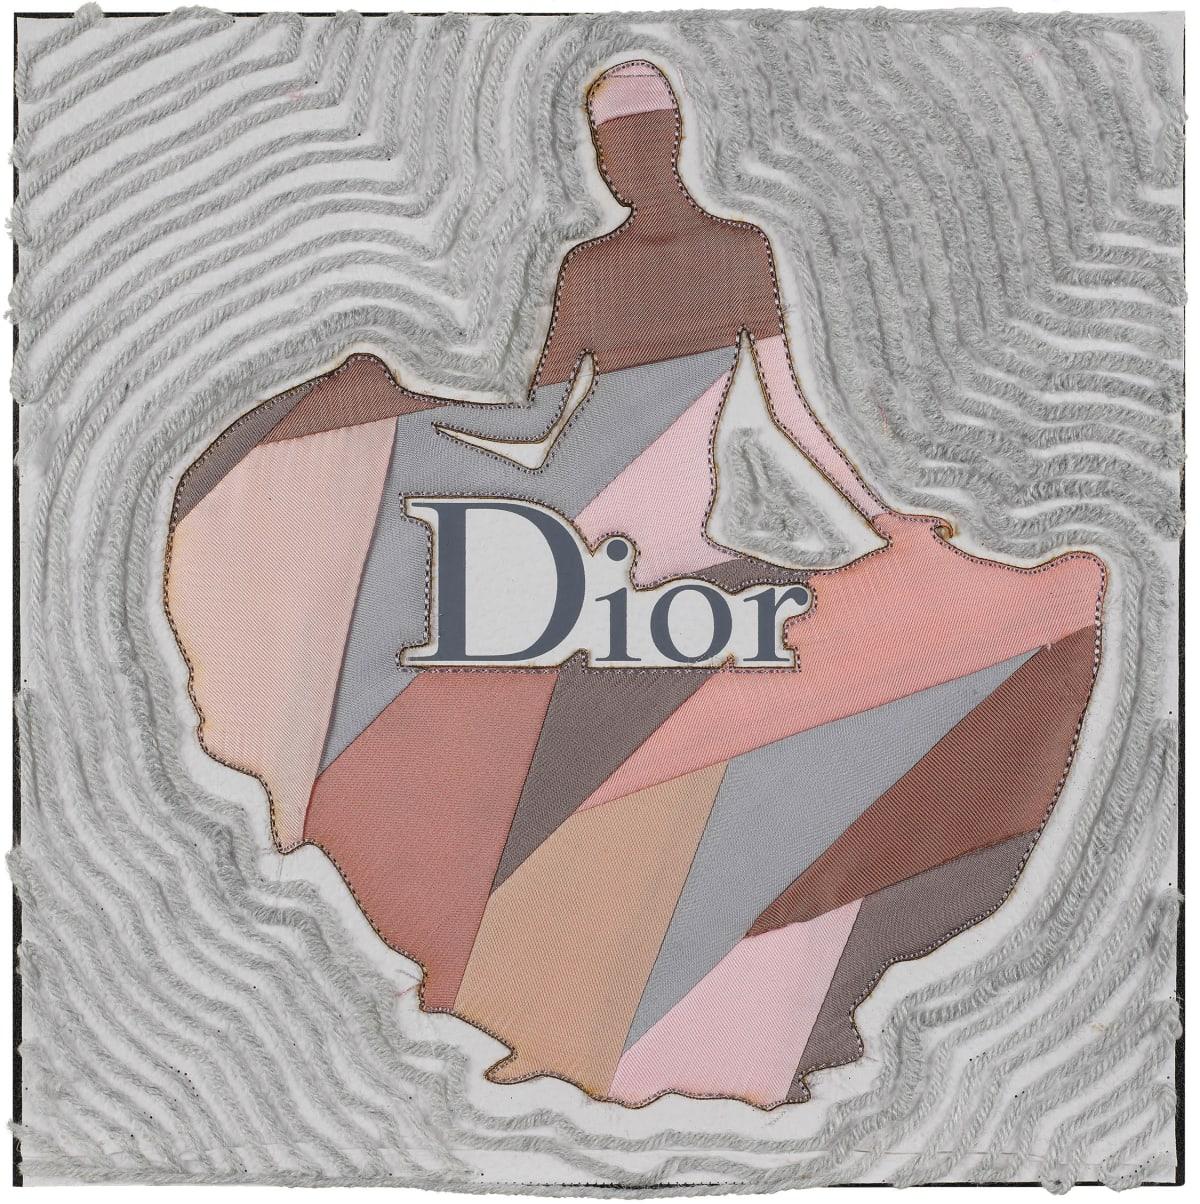 Stephen Wilson, Dior Dancer (Blush), 2019